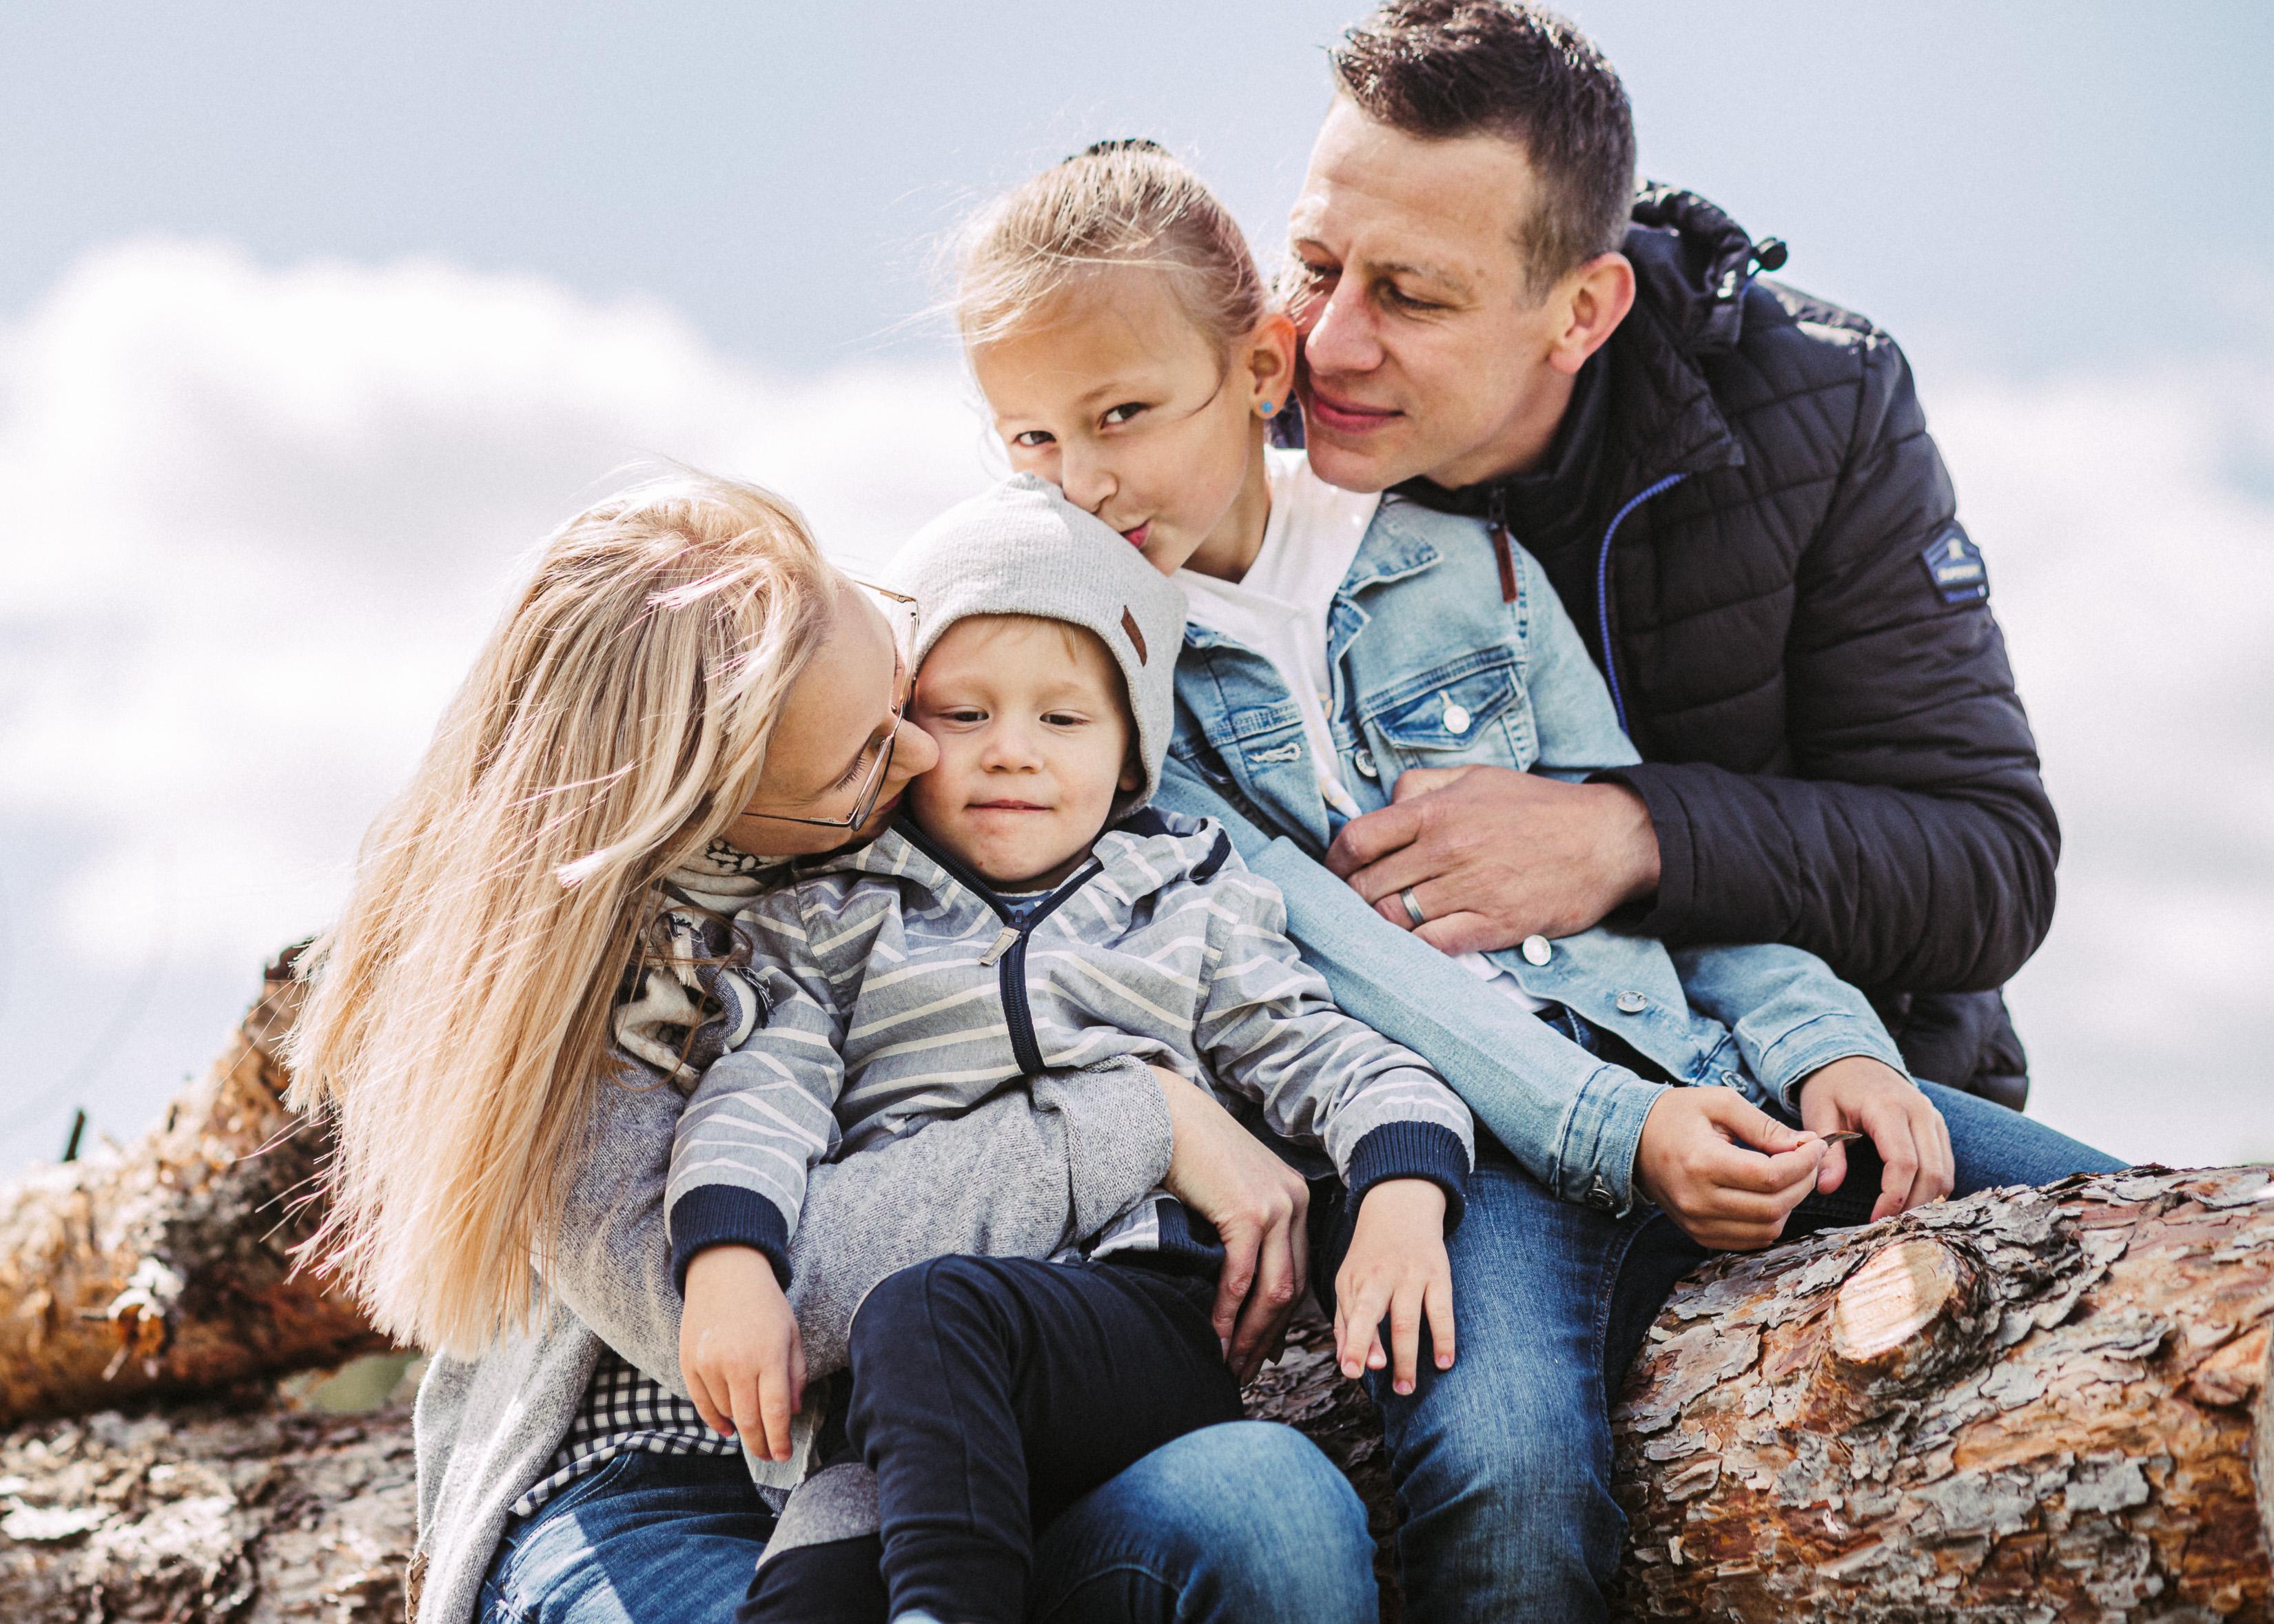 Kinderabsicherung - Schutz für die Schutzbedürftigsten